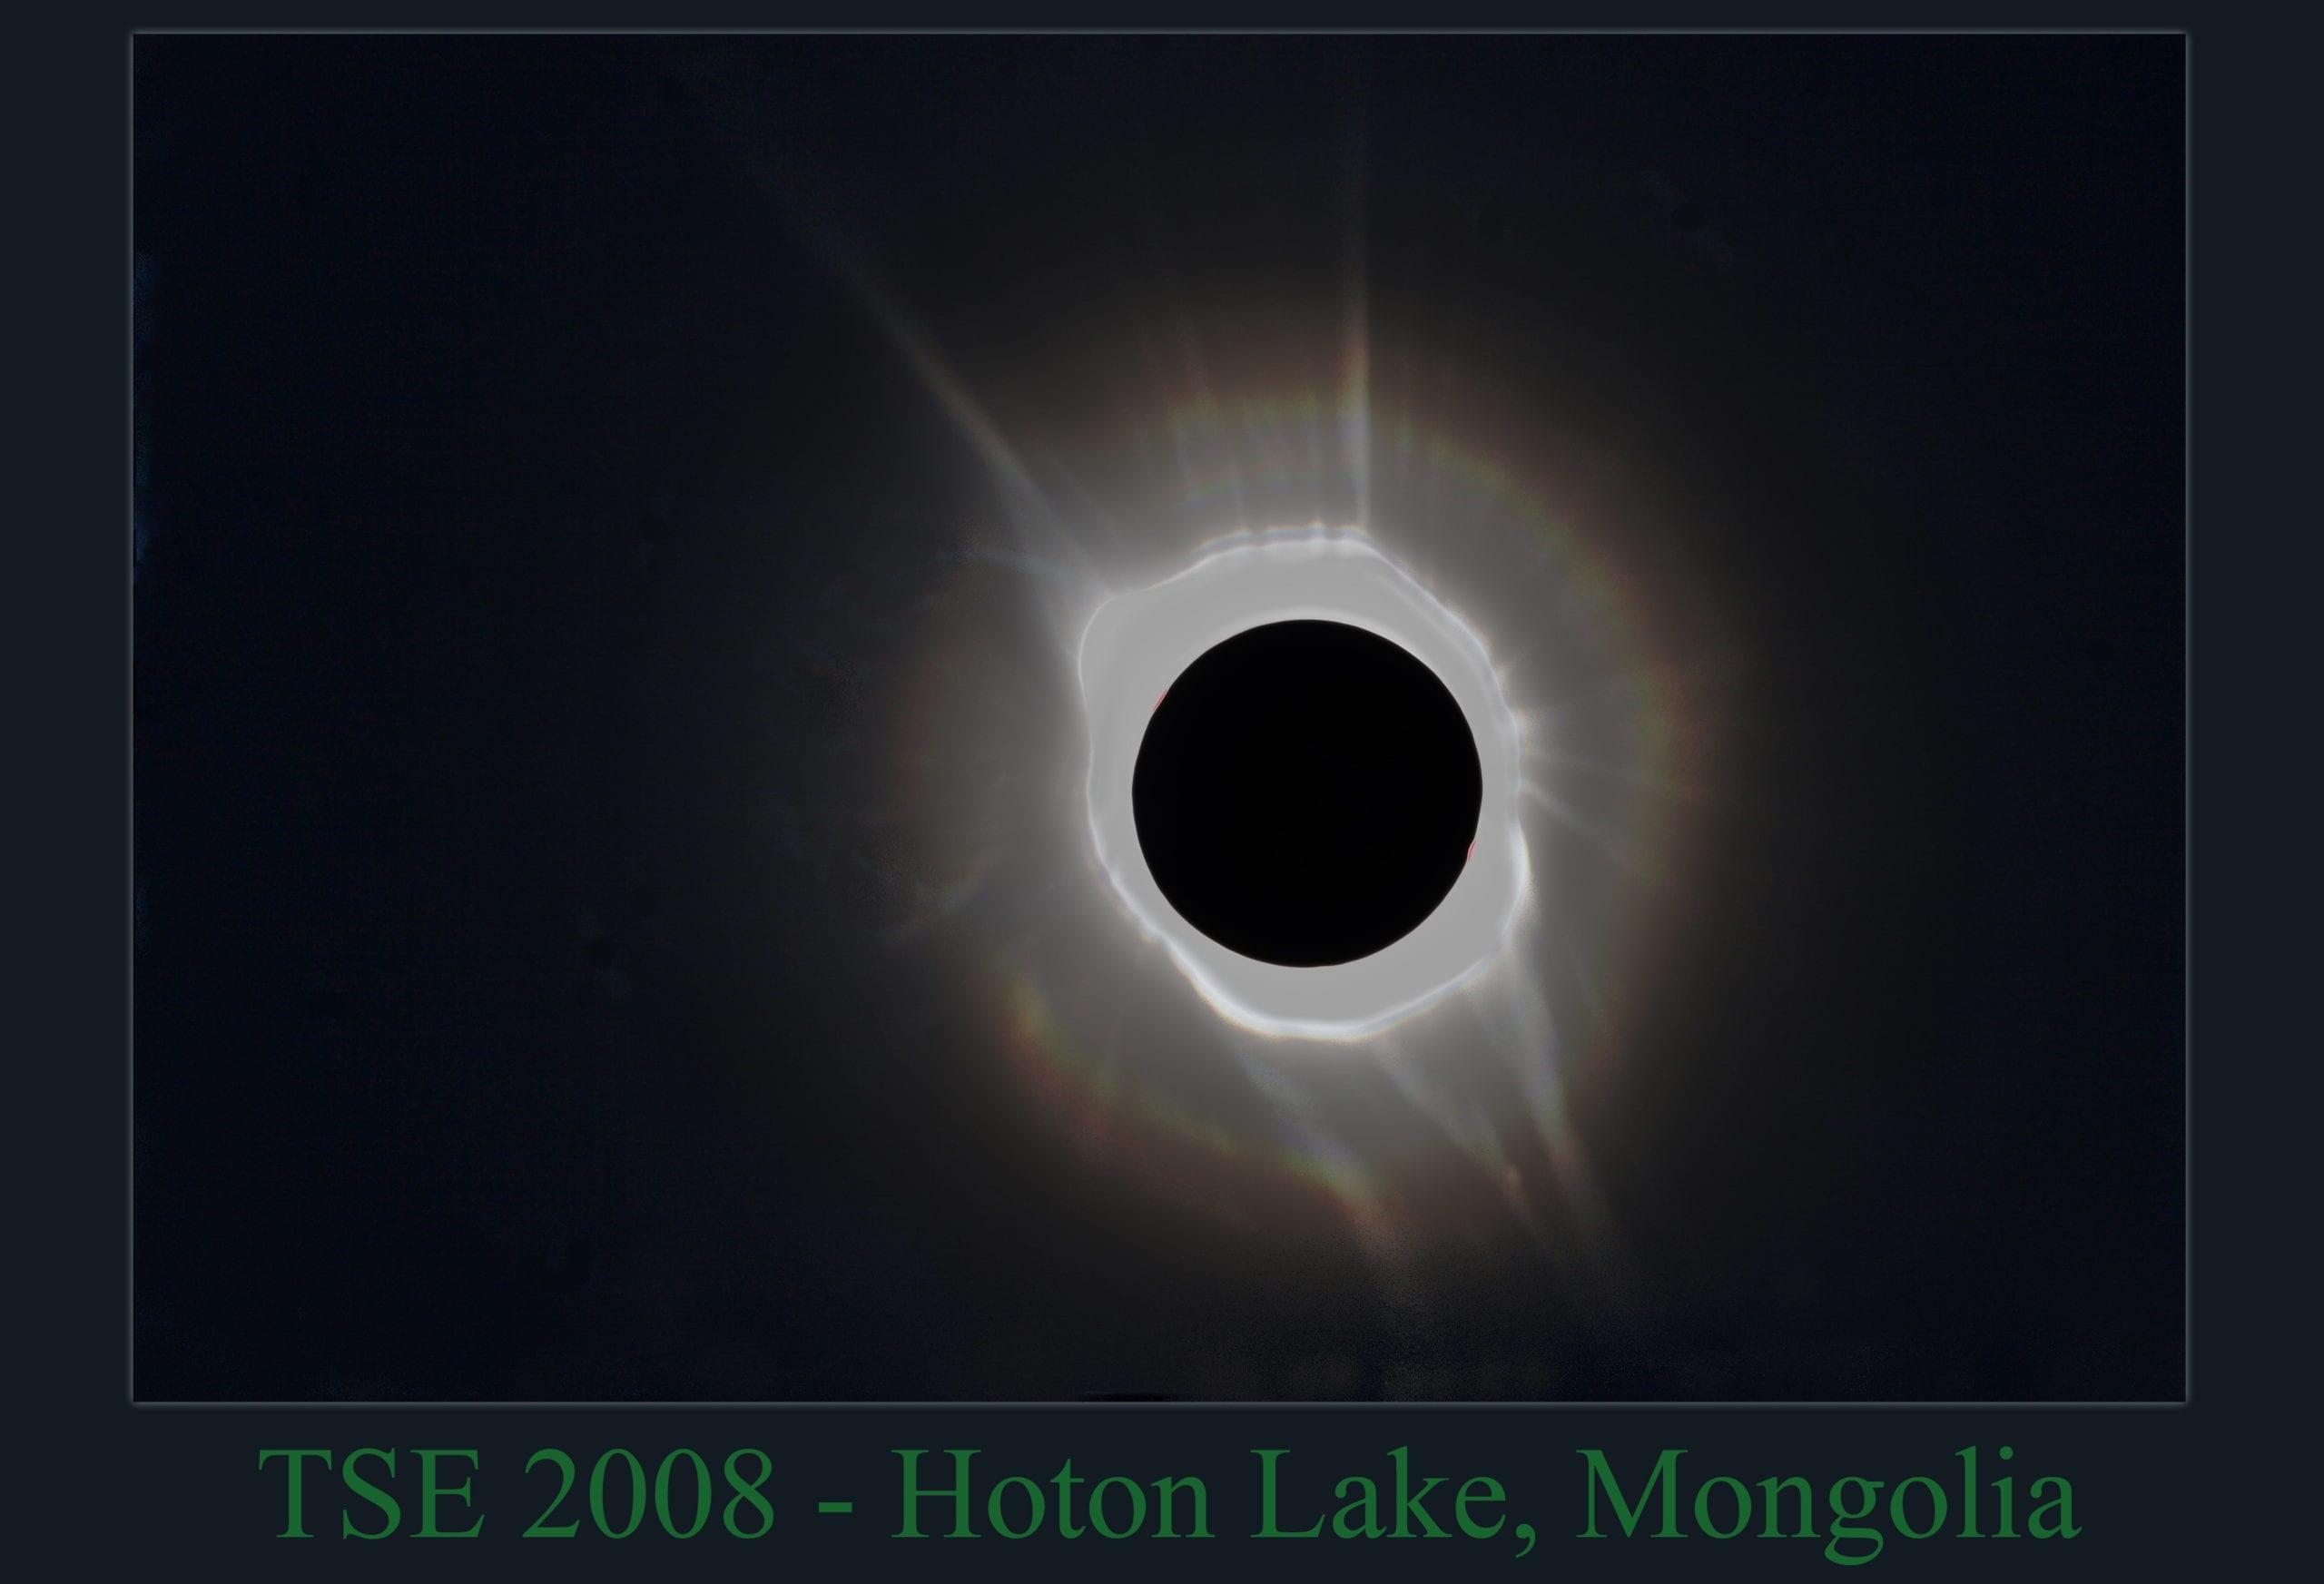 TSE 2008-Eclipse Mongolia Hoton Lake